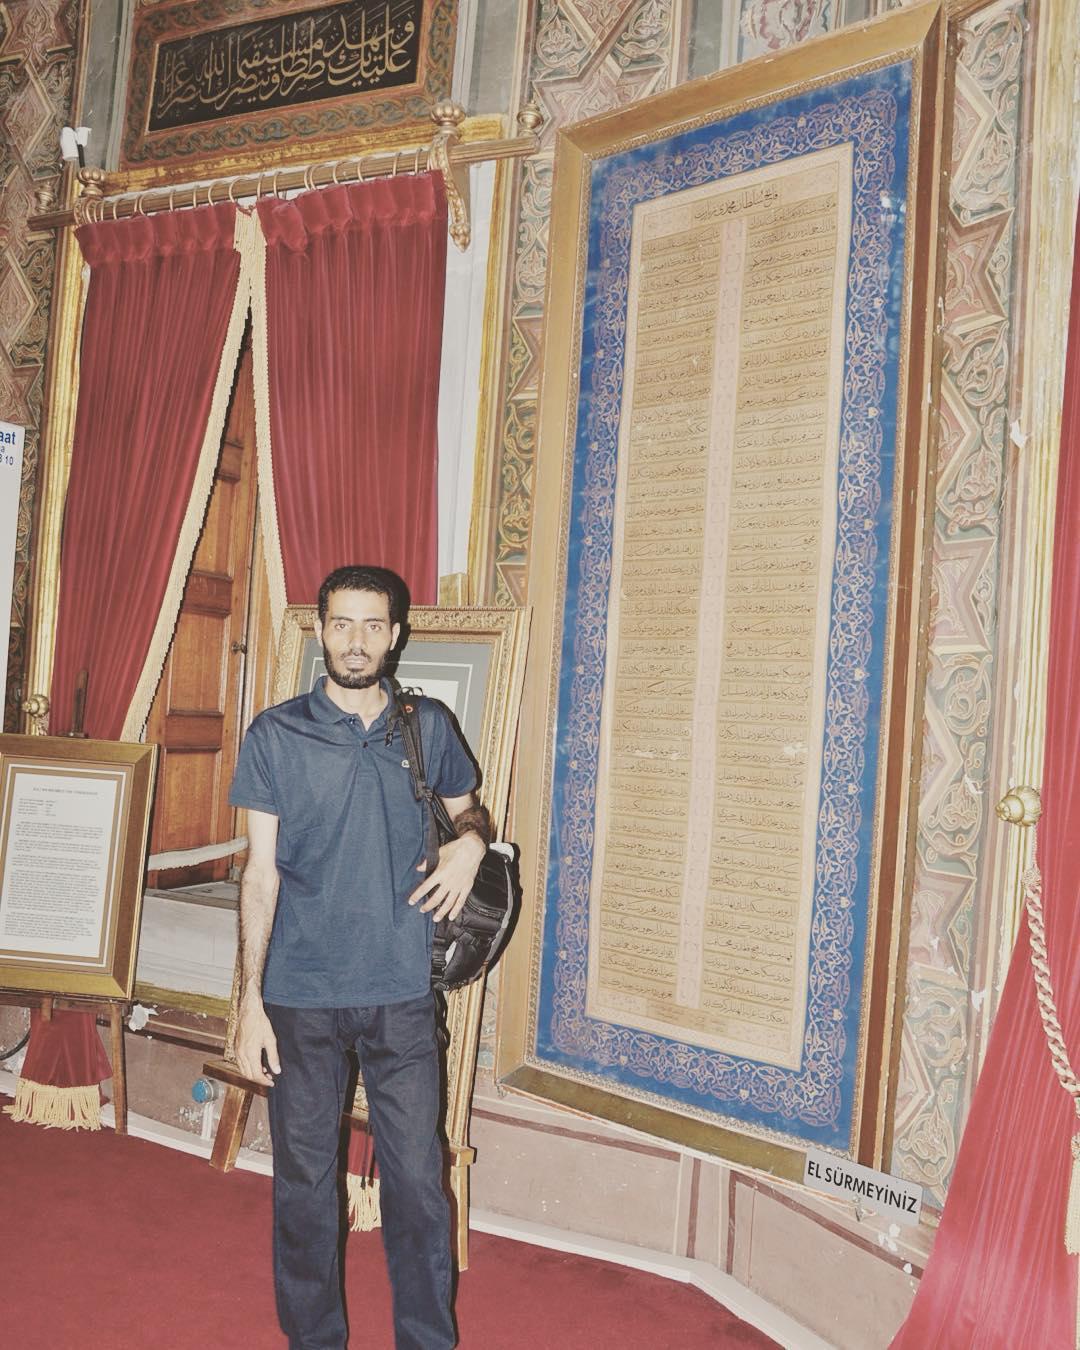 Khat Diwani Ajhalawani/Amr بجانب قصيدة احمد الكامل الشهيرة ثلث عادي  في الفاتح… 189